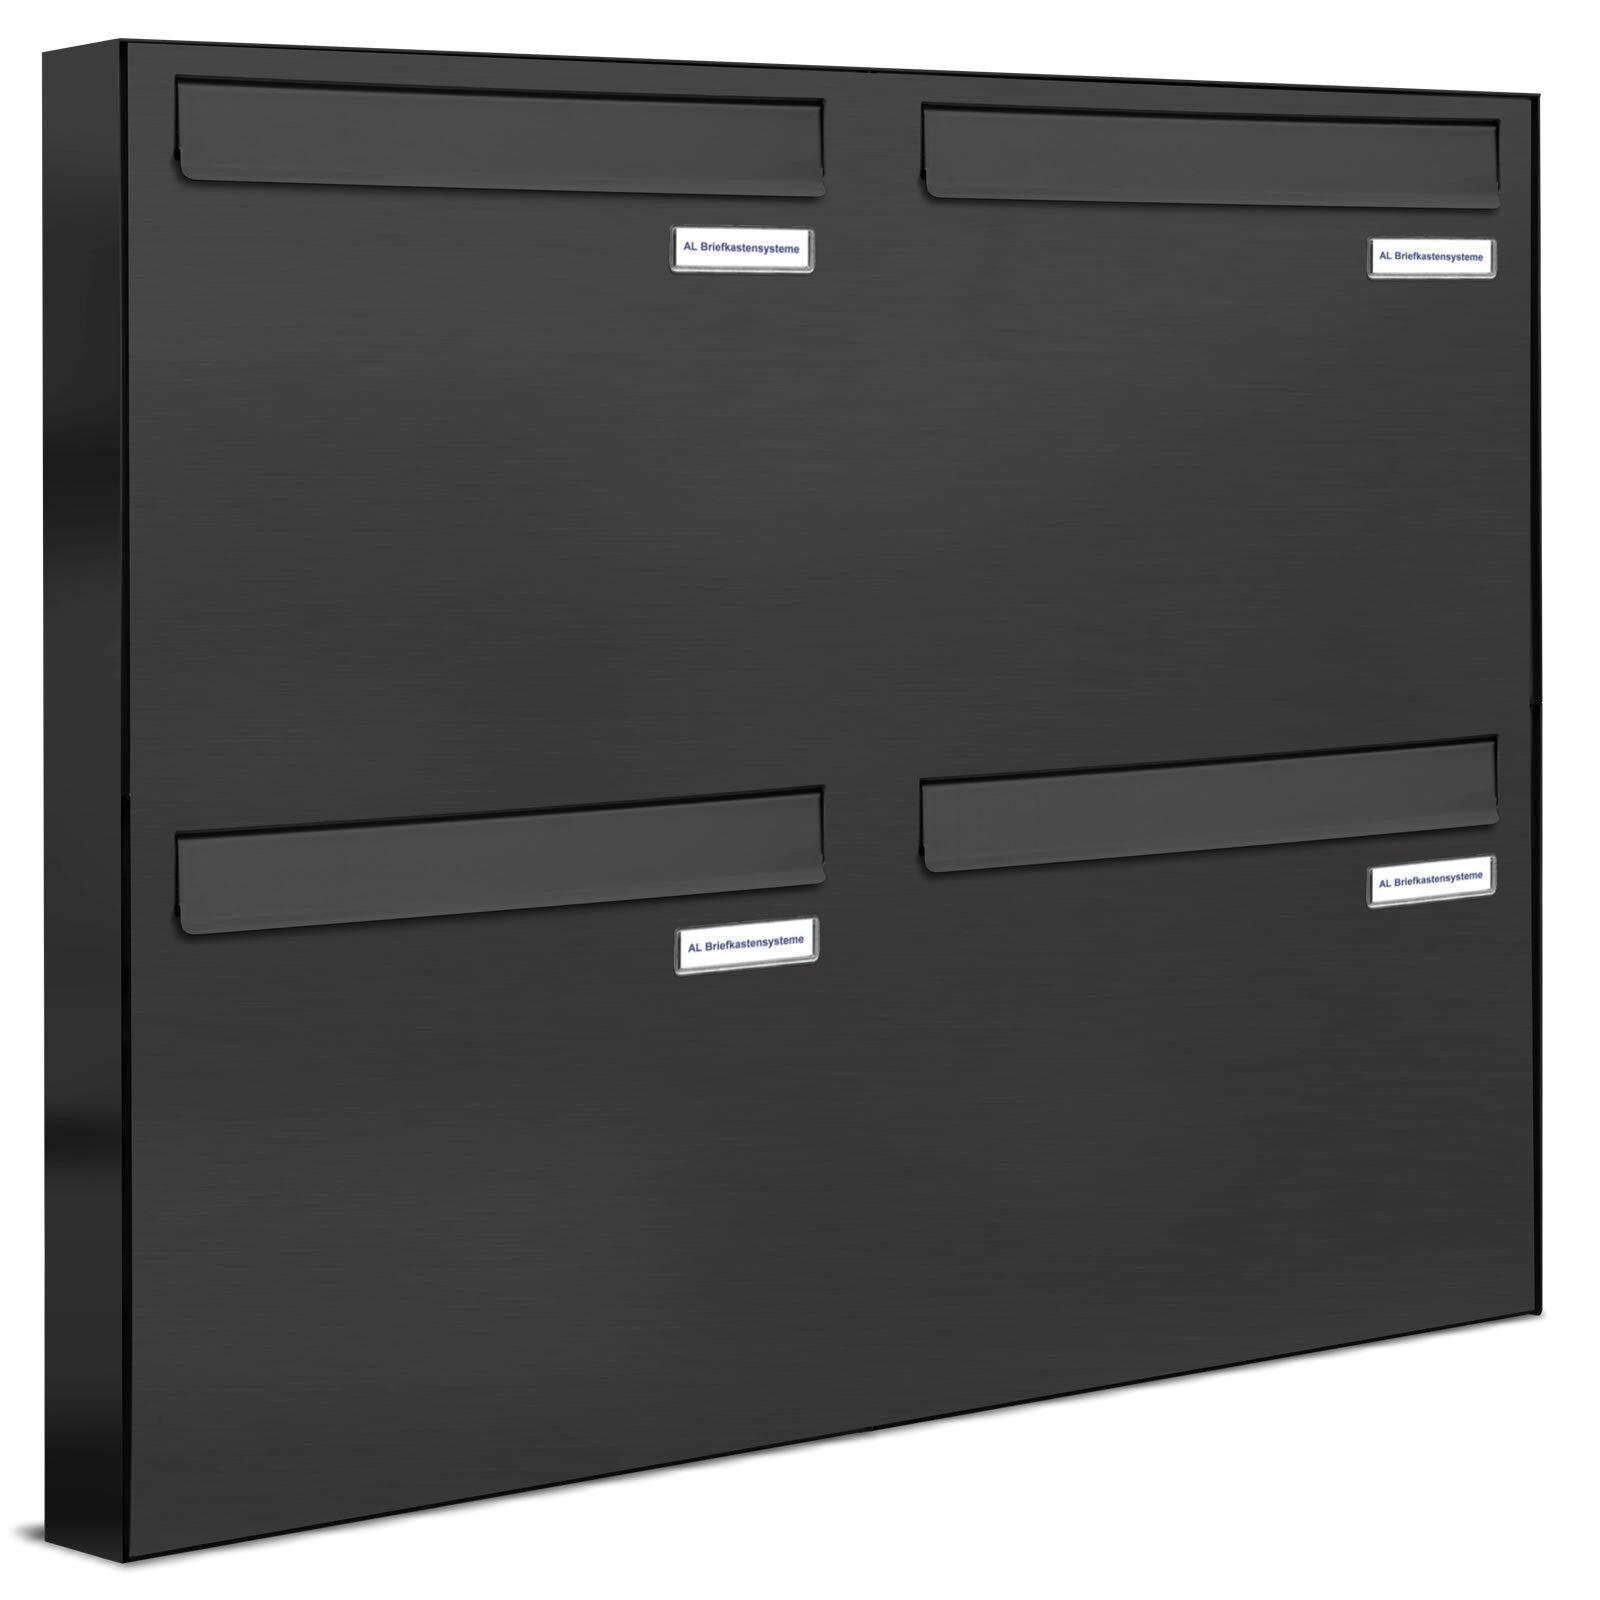 4 er Premium Zaun Durchwurf Briefkasten Anthrazit RAL Fach Postkasten design